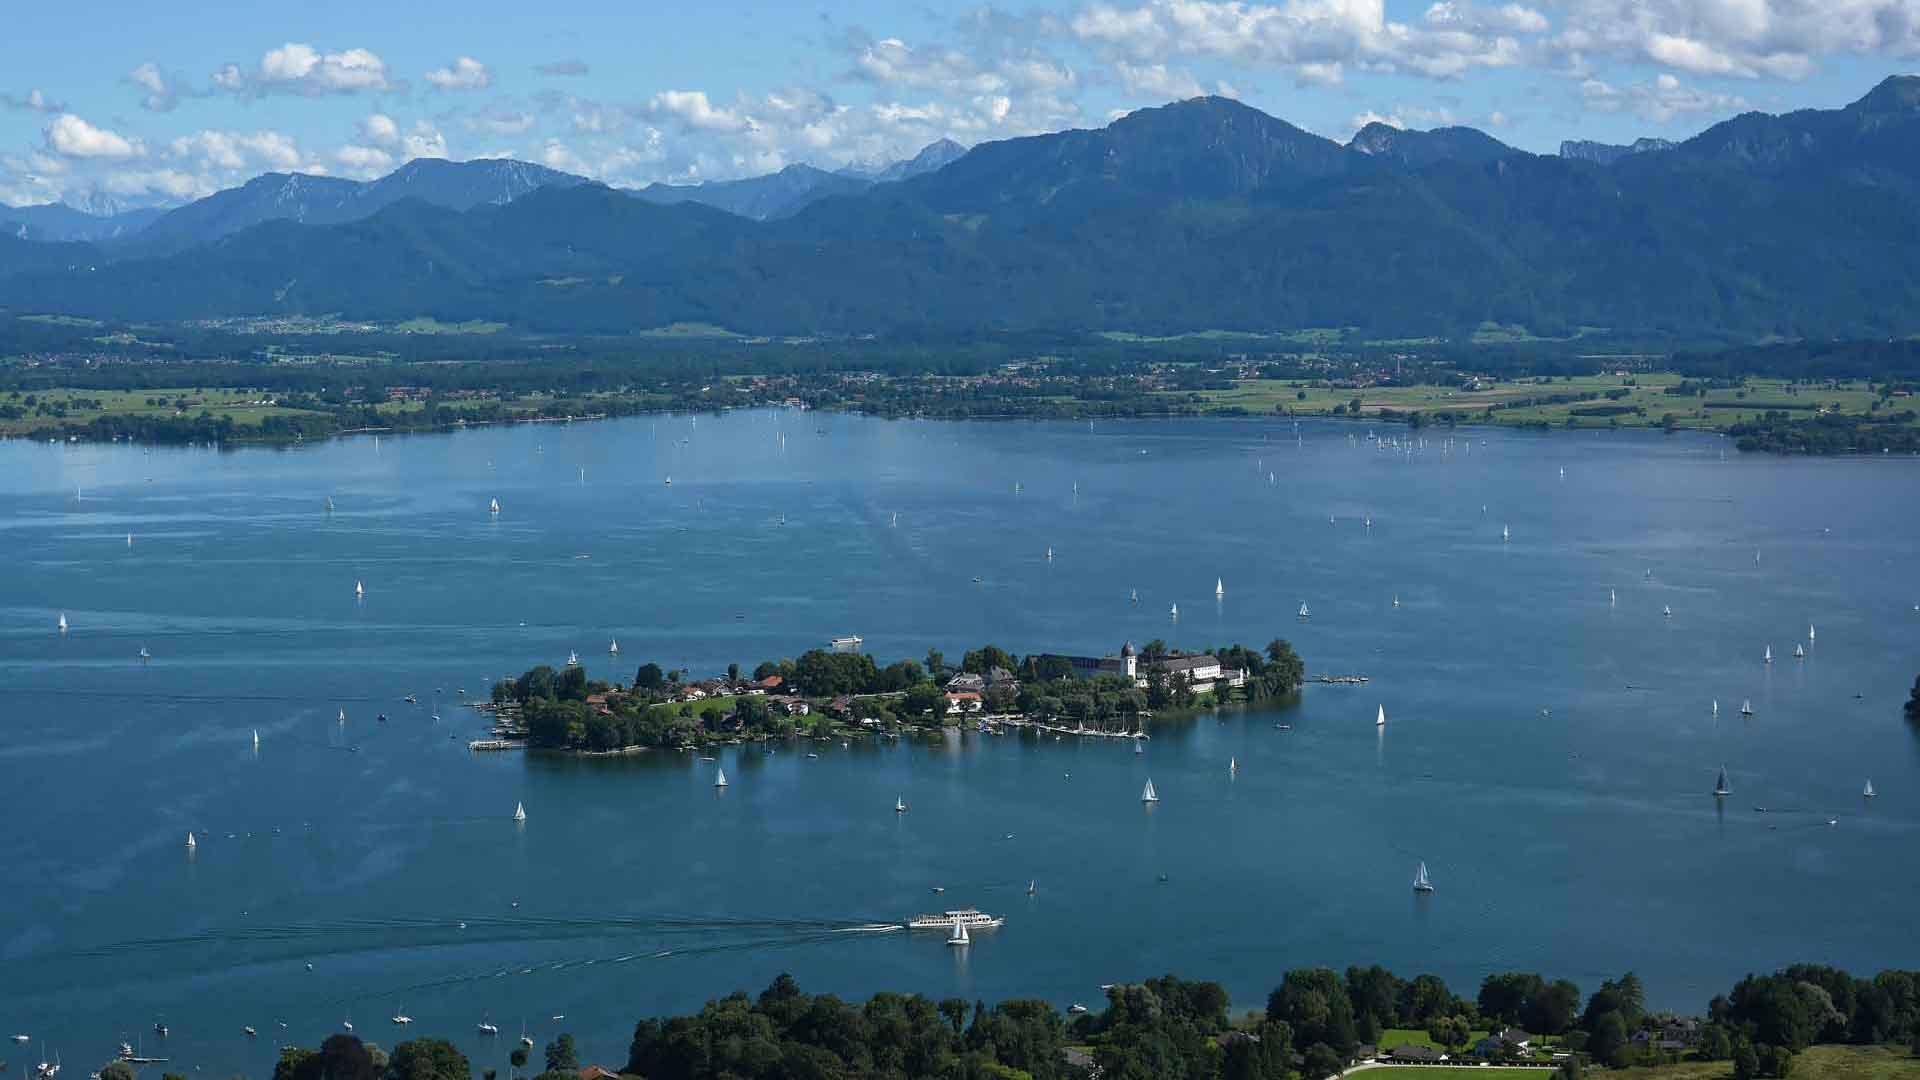 Фотоотчет: баварское море — озеро кимзее - путешествия с детьми